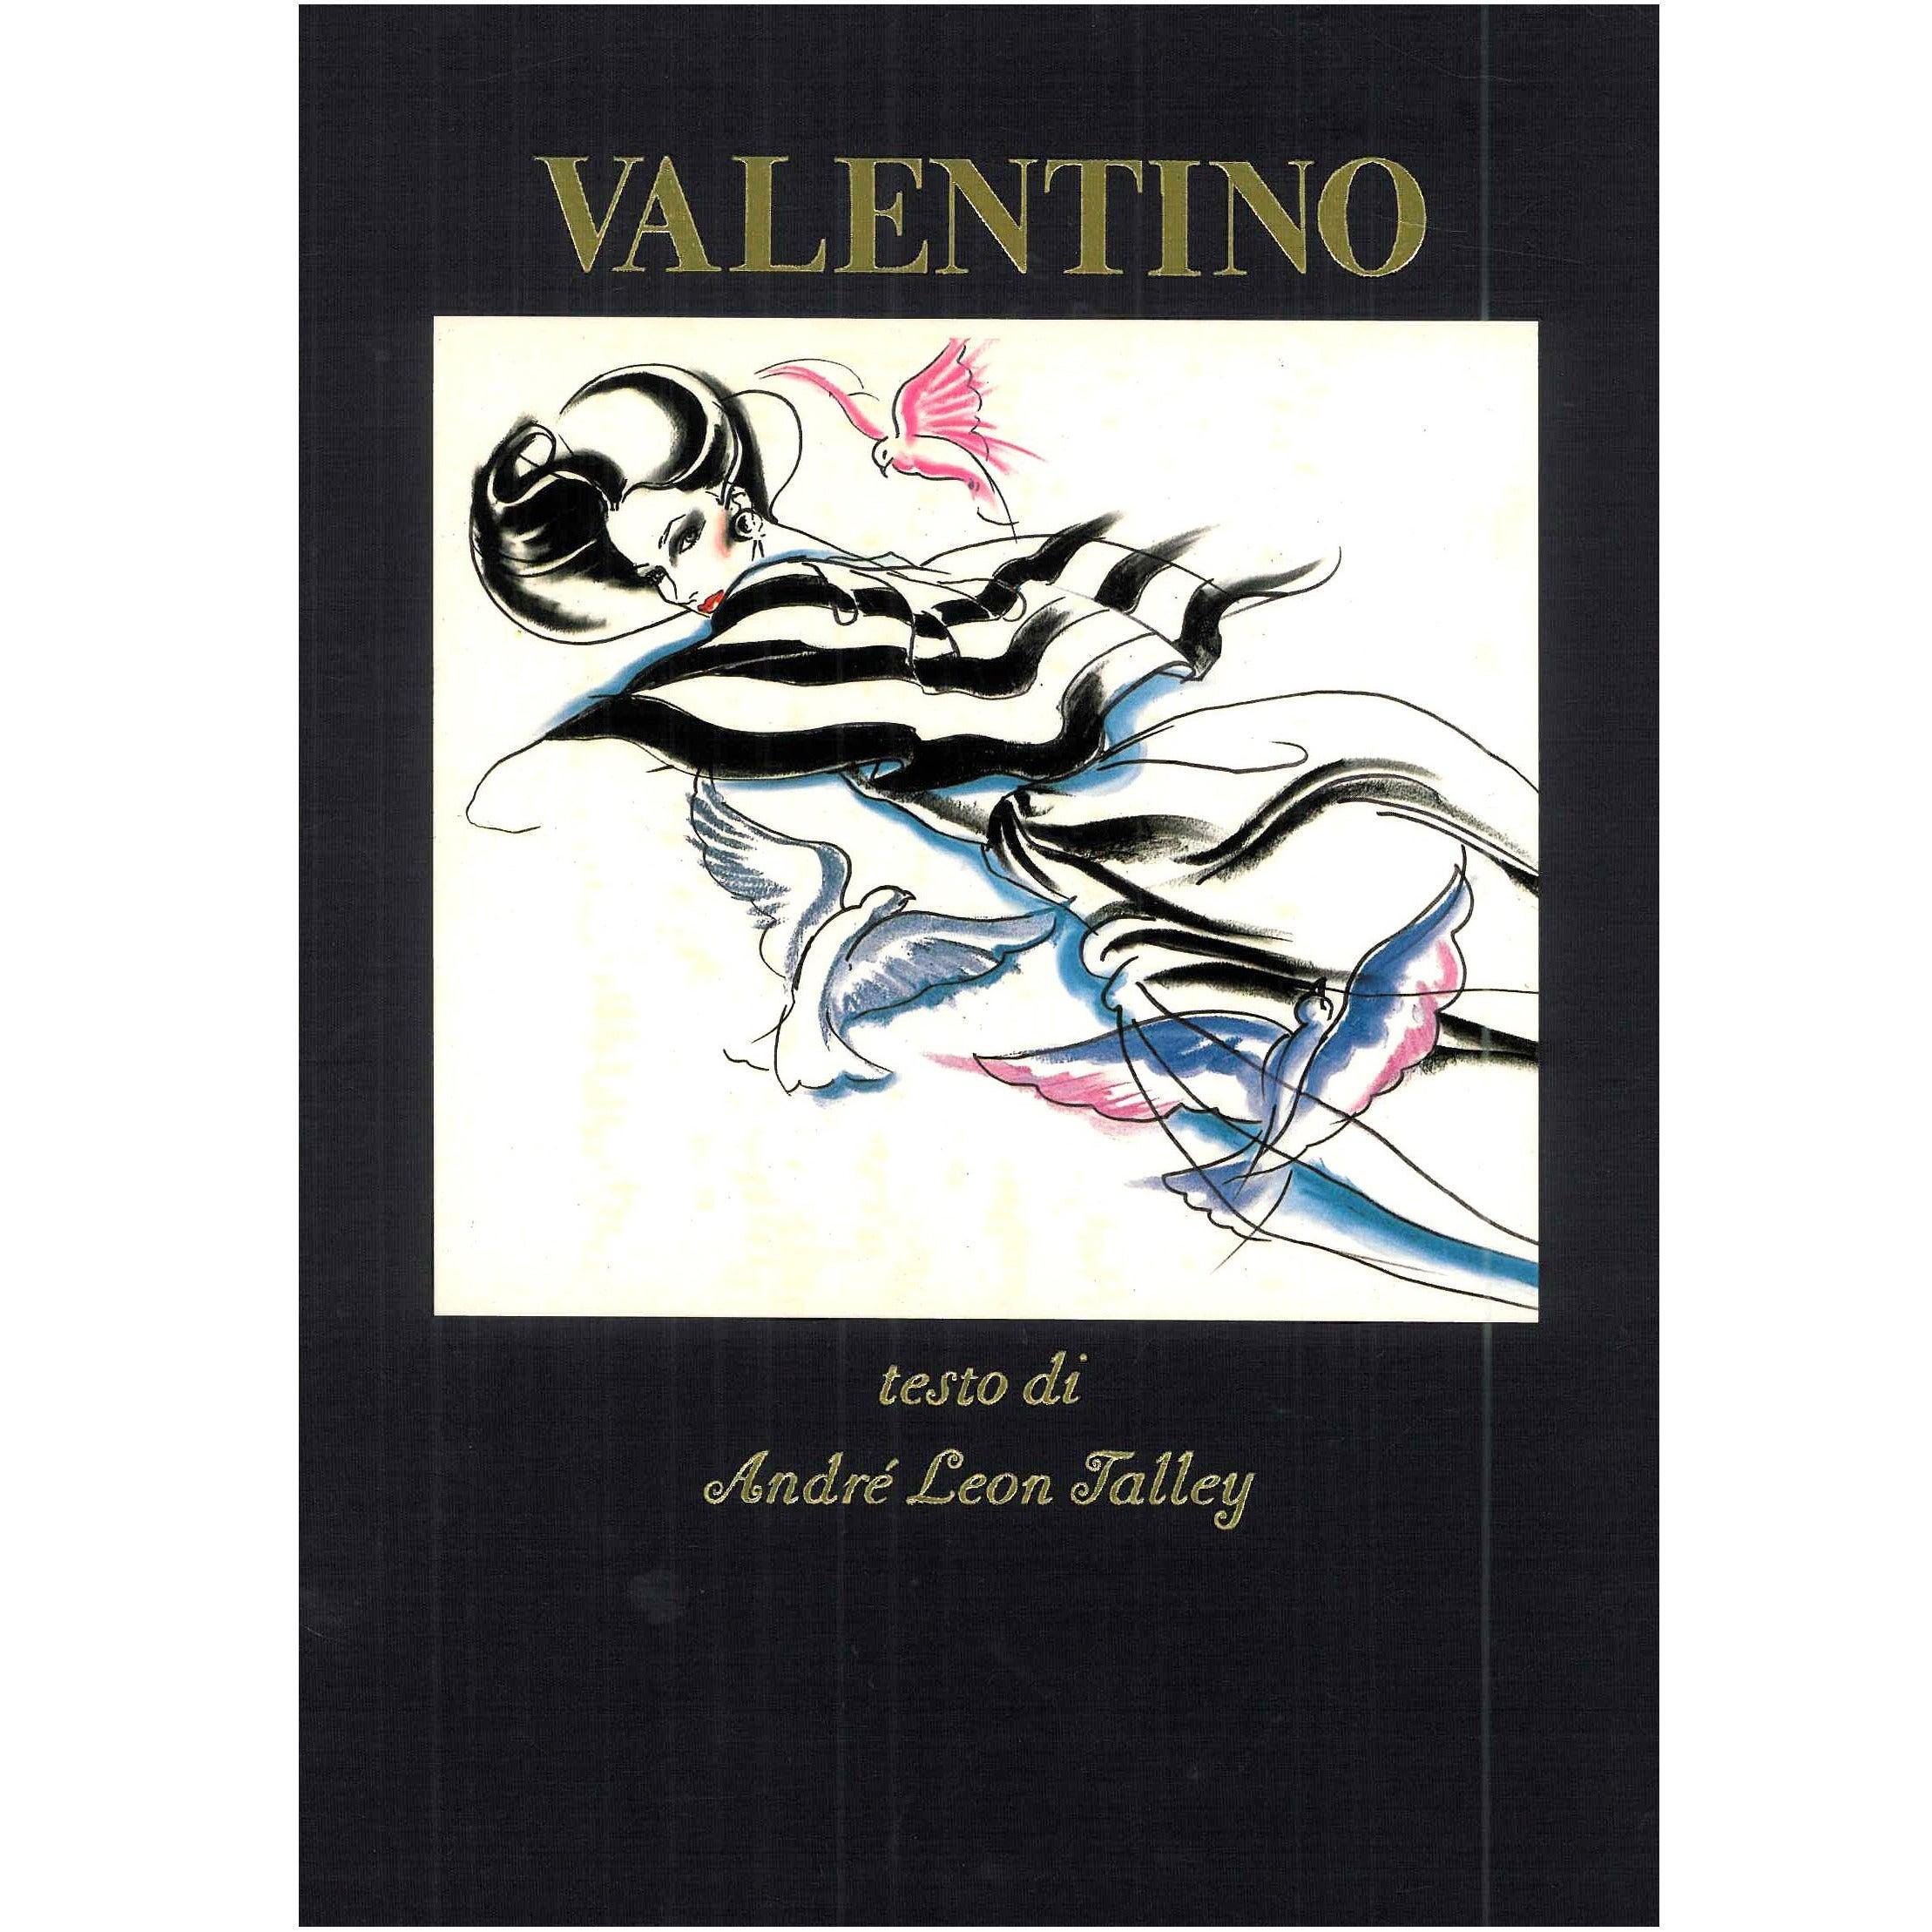 """""""Valentino"""" Book on Italian fashion designer"""